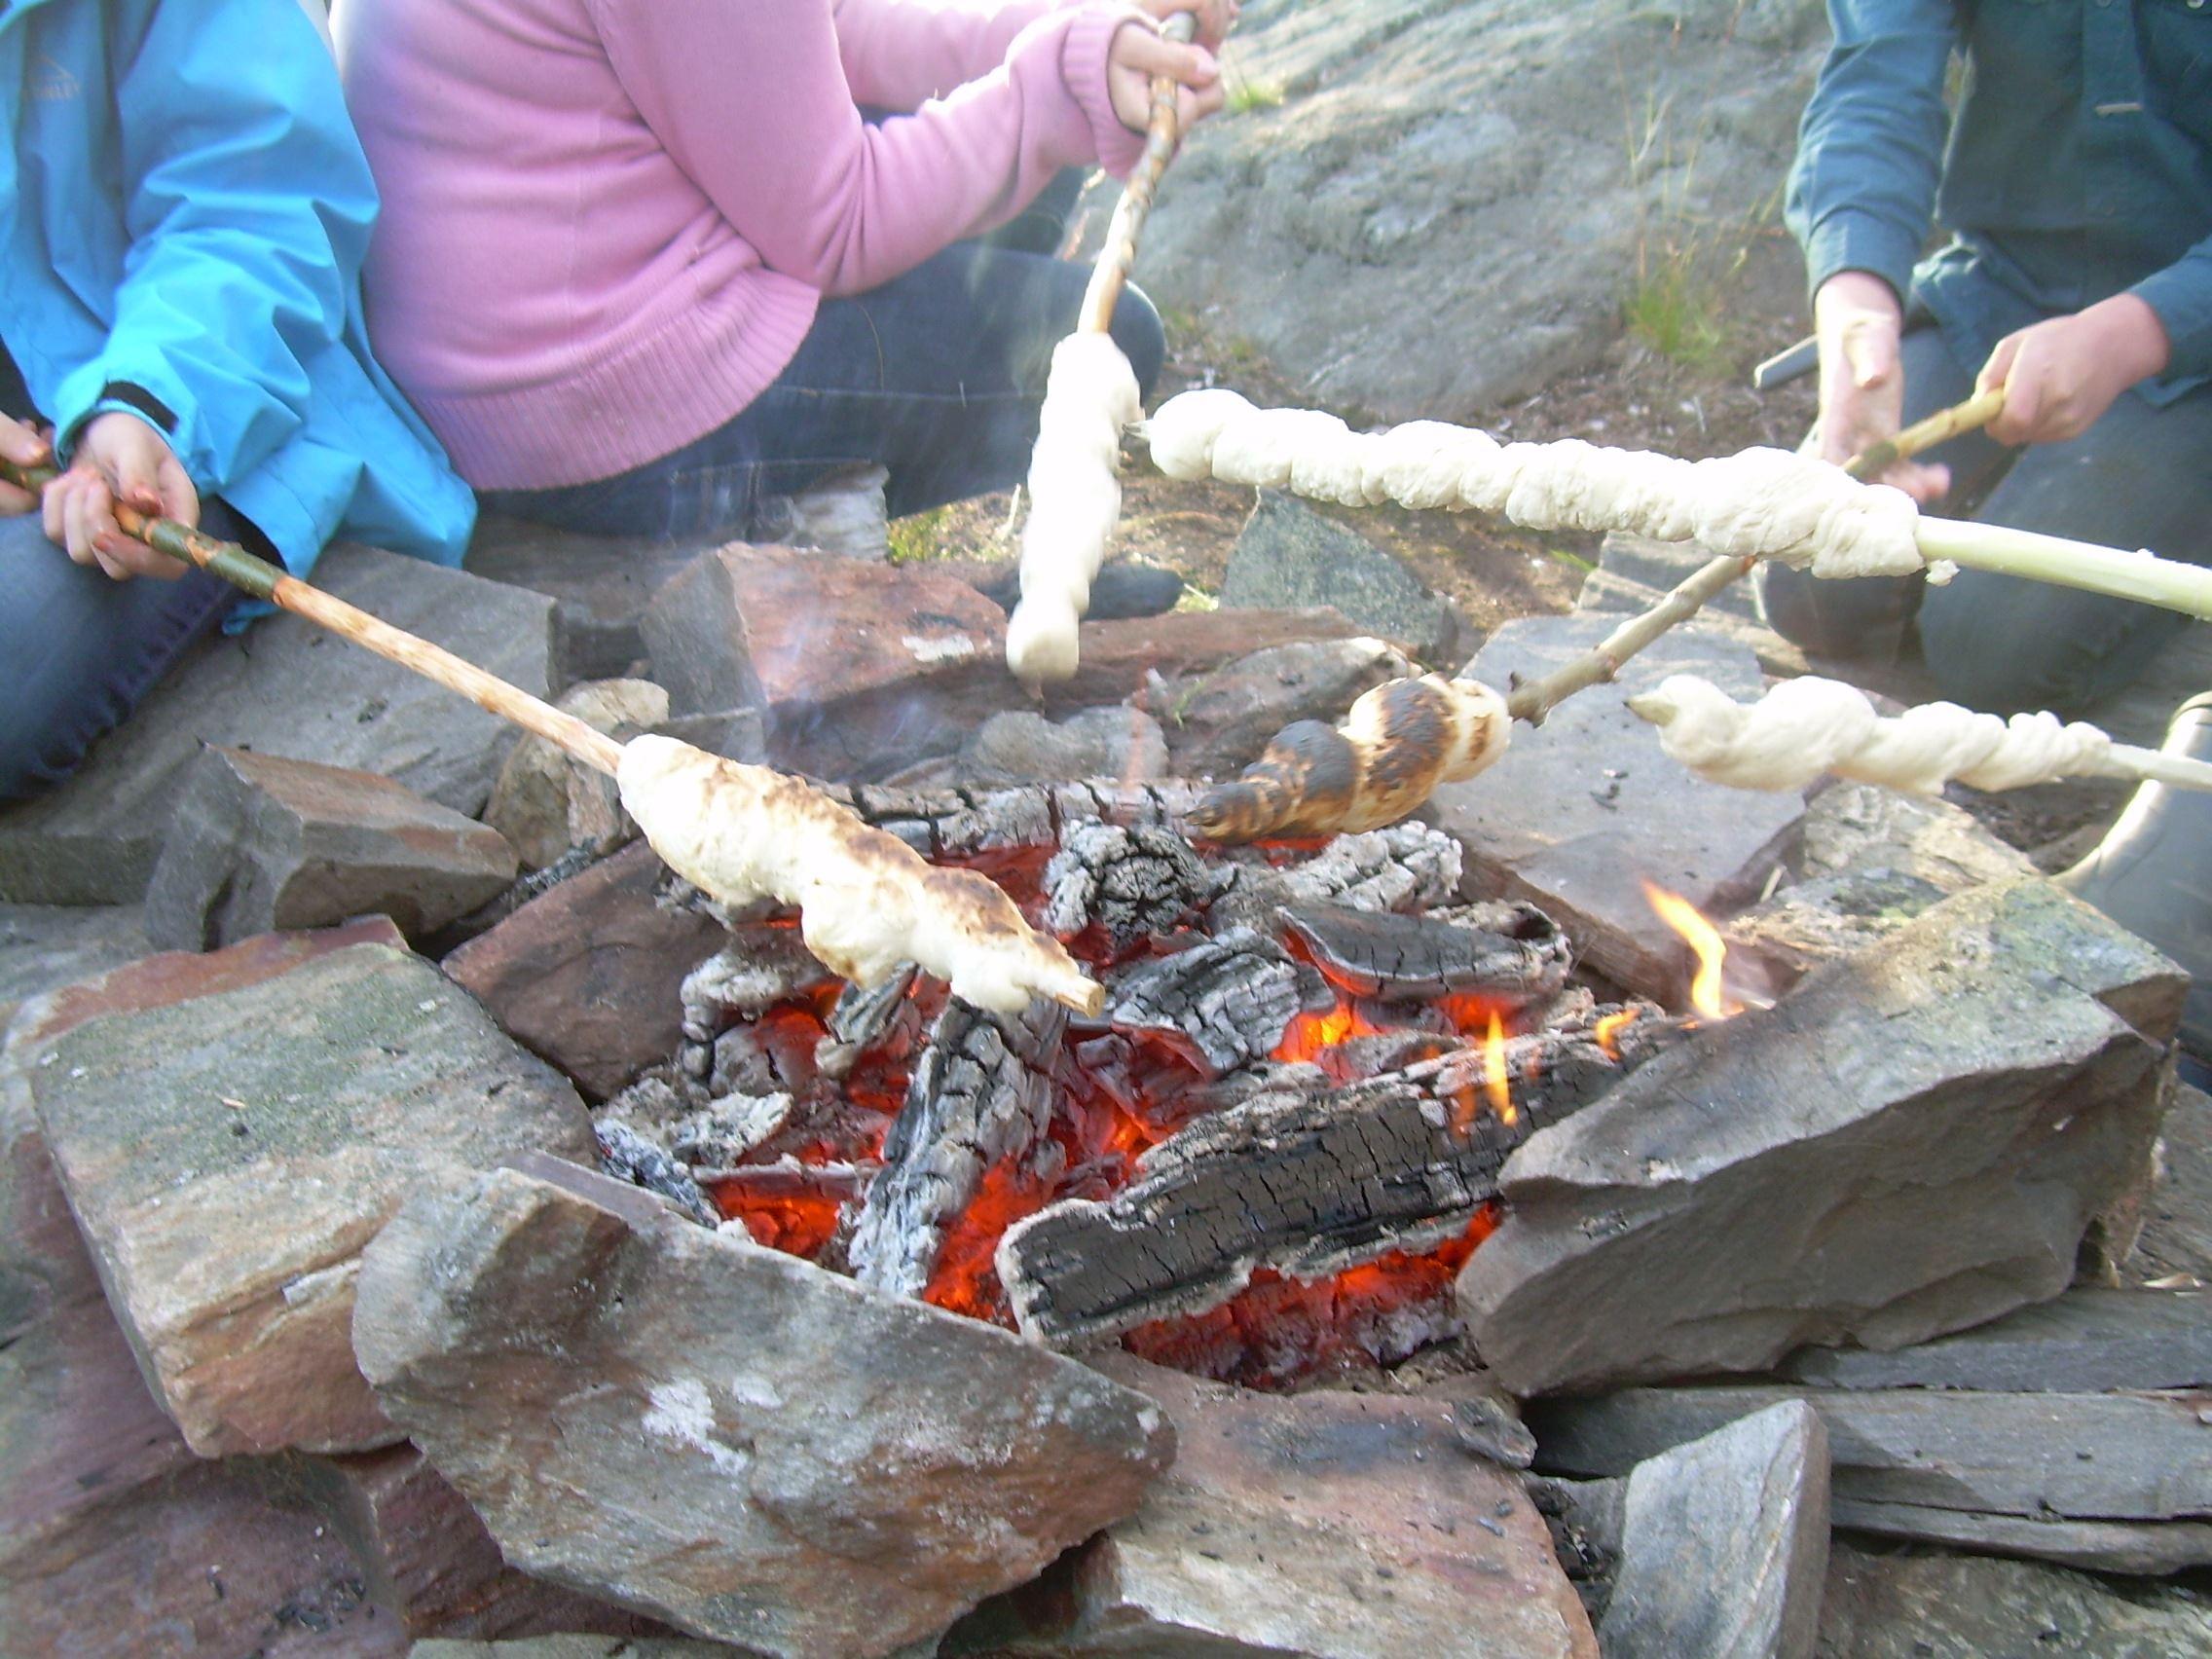 Utviksgården - Pinnbrödsbak på scoutläger